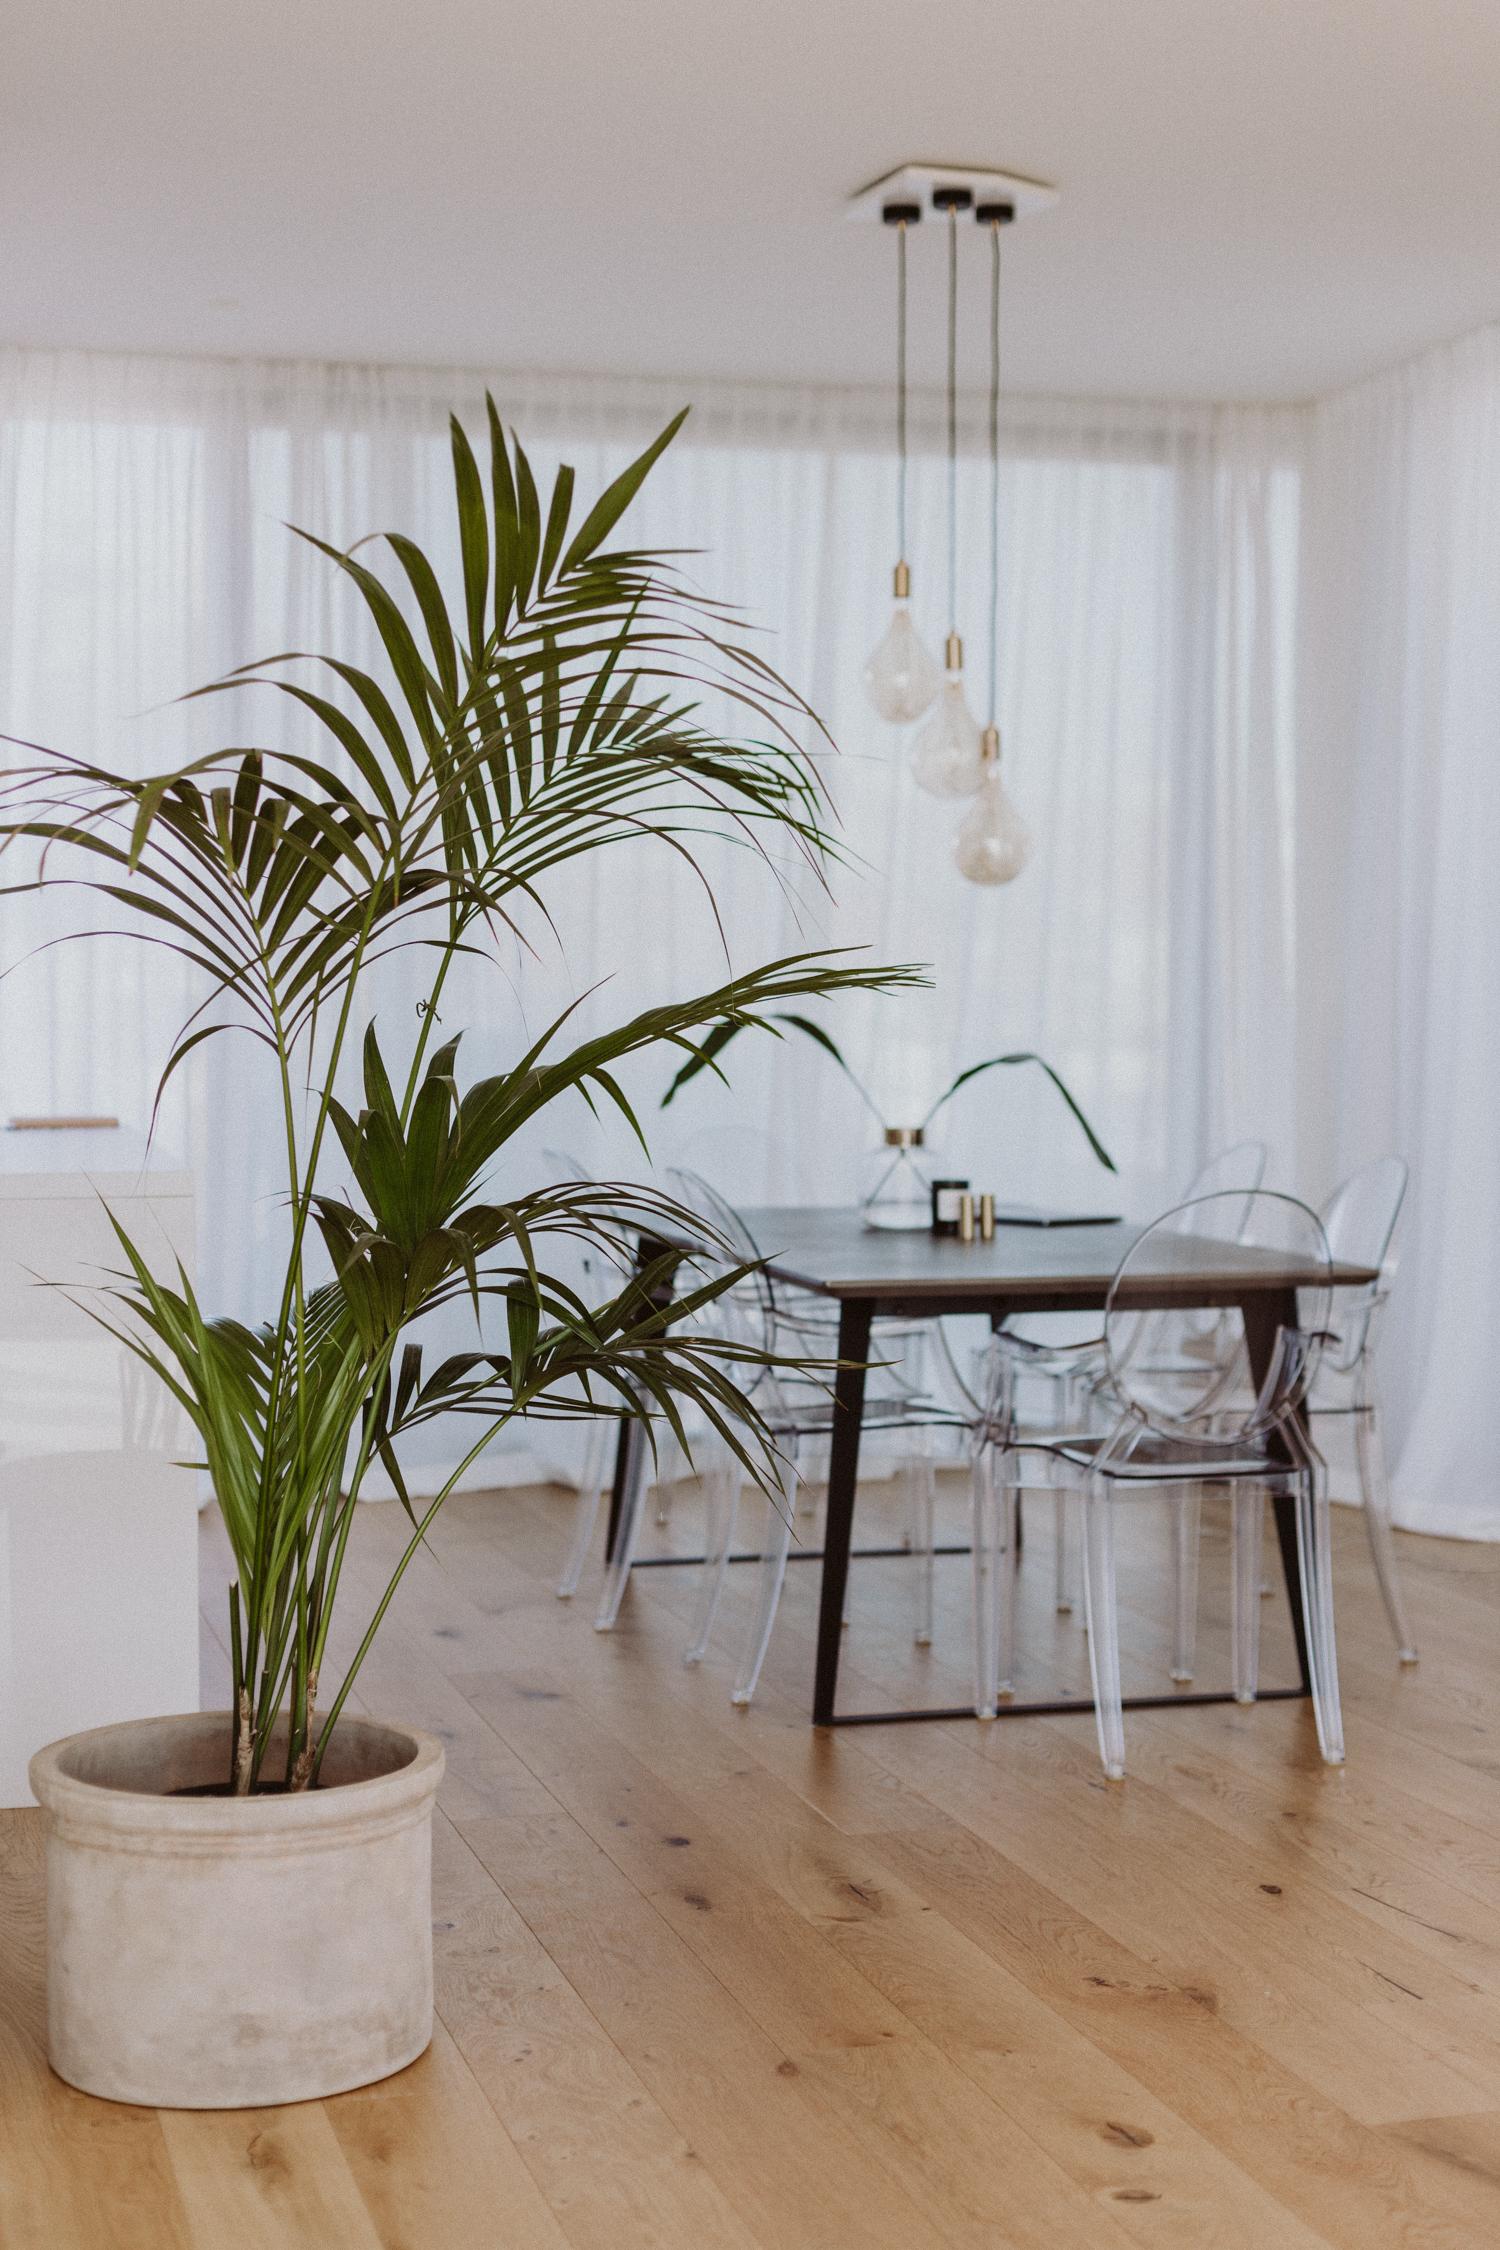 Die besten Pflanzen für die Wohnung - Love Daily Dose